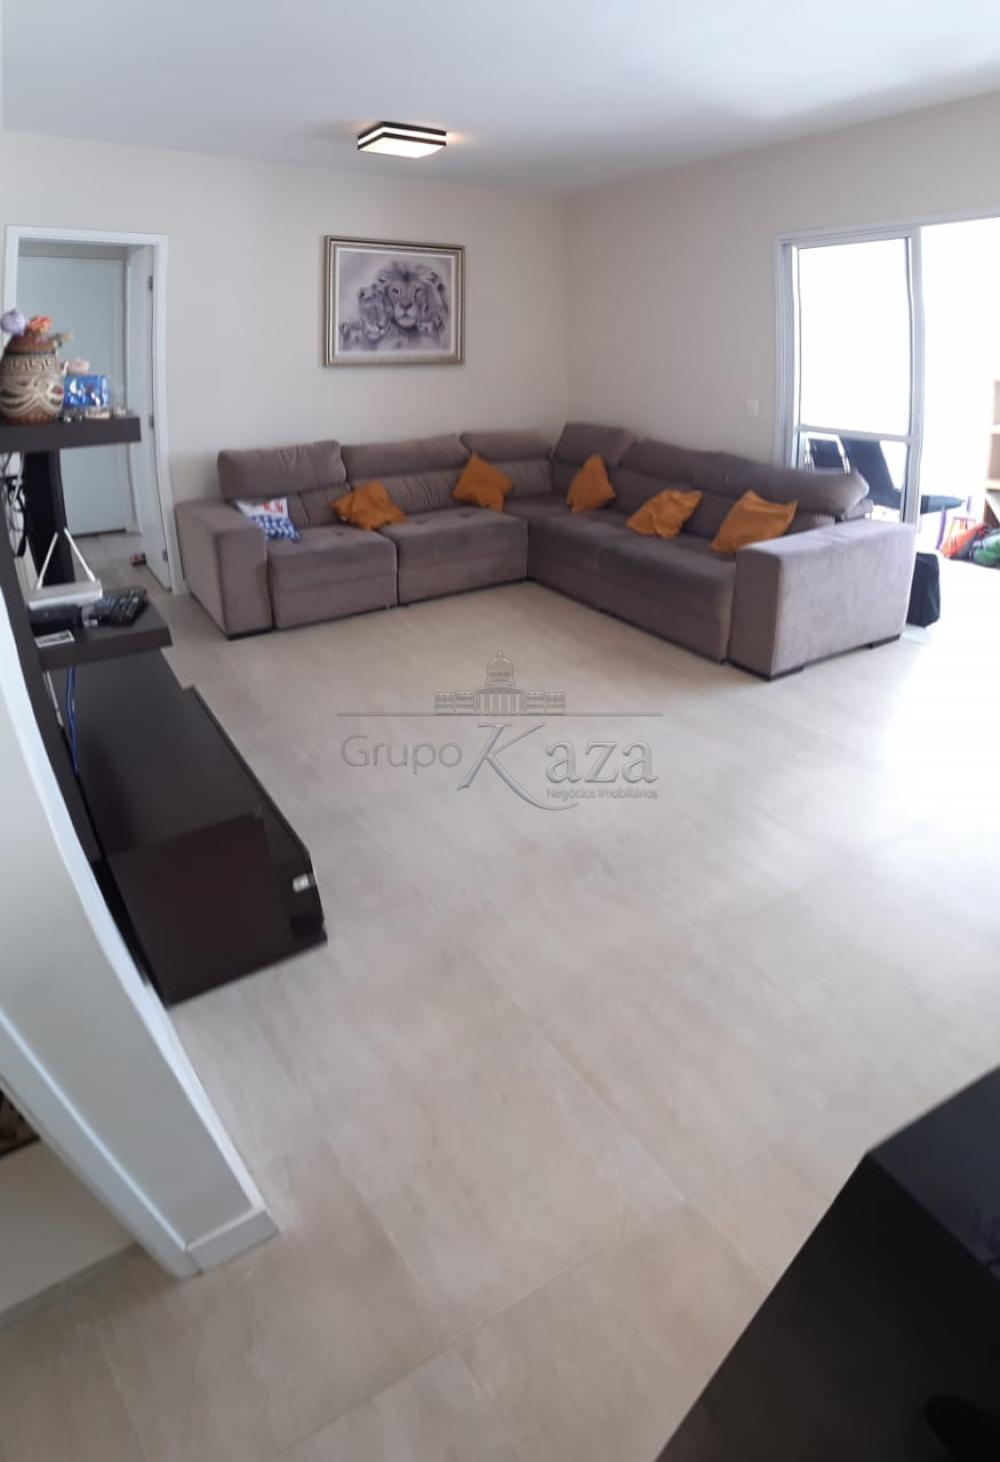 Sao Jose dos Campos Apartamento Venda R$780.000,00 Condominio R$650,00 3 Dormitorios 1 Suite Area construida 124.00m2